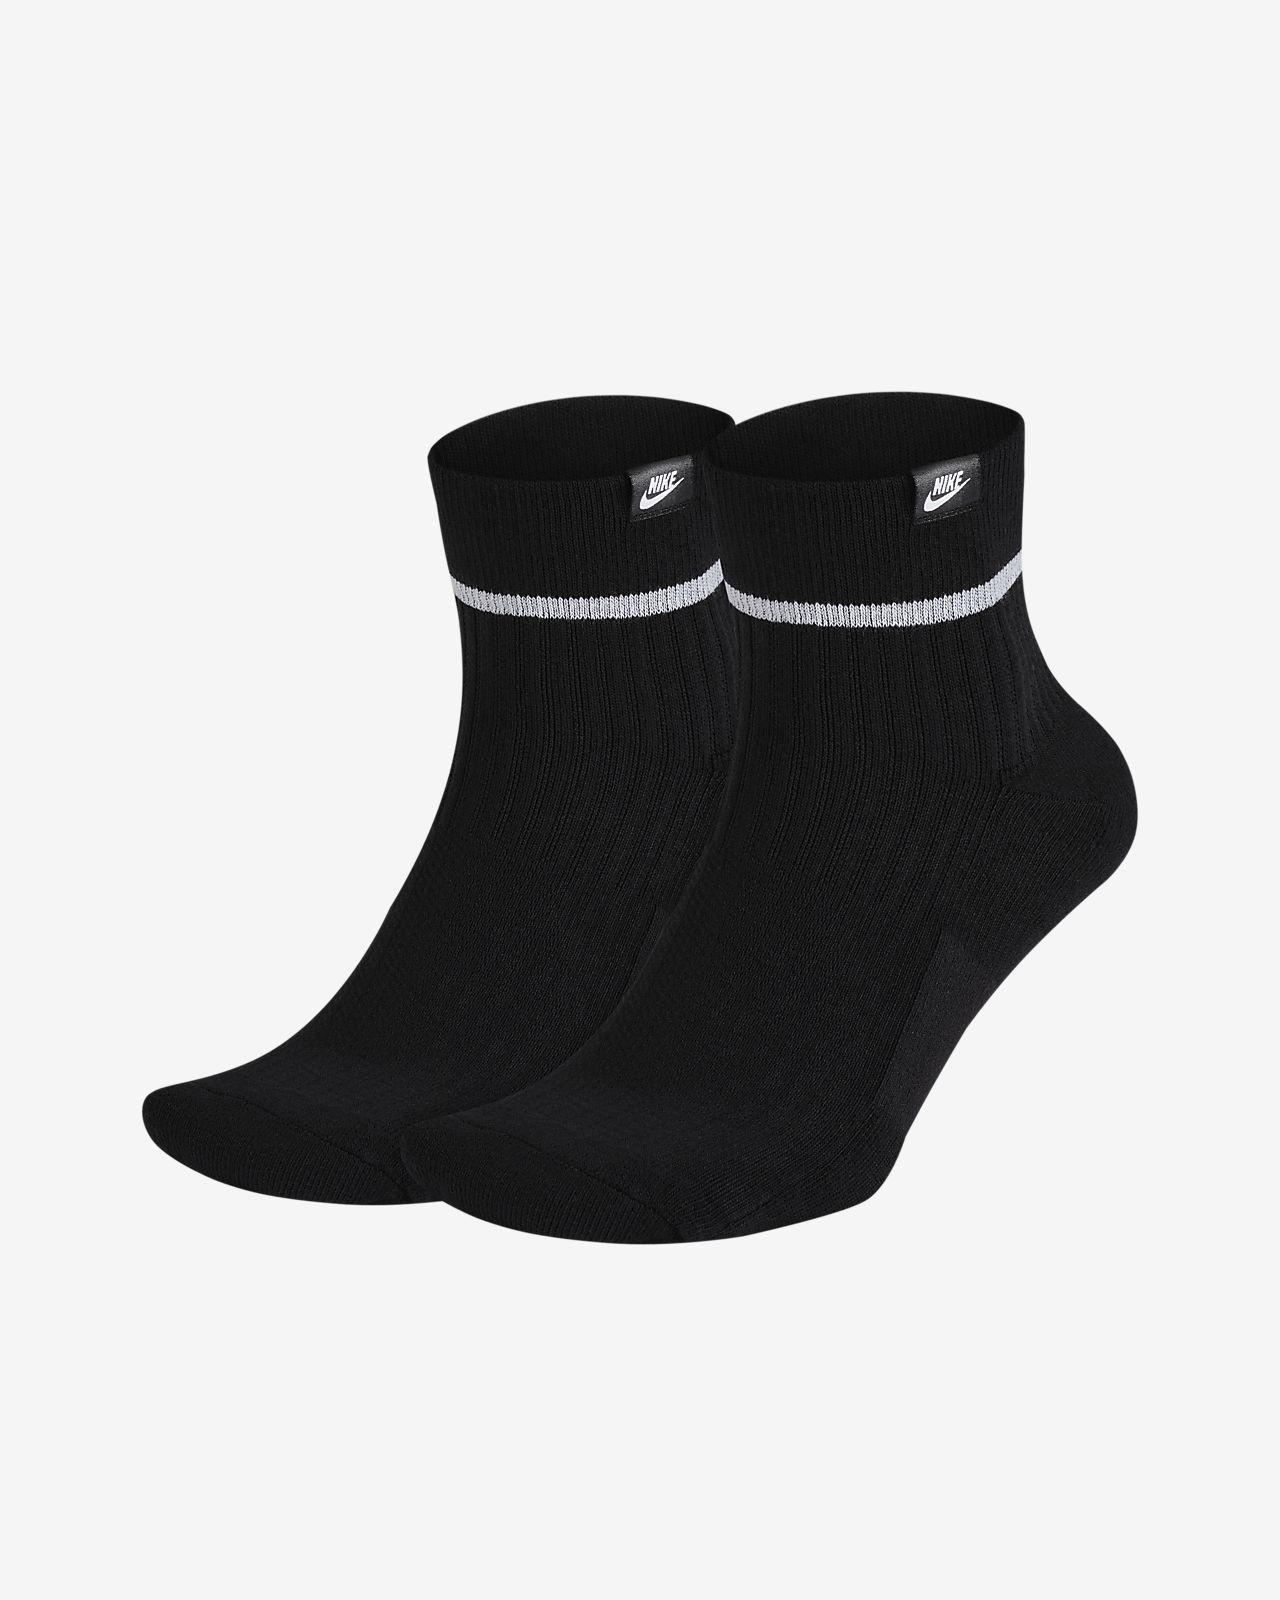 Nike Essential Knöchelsocken (2 Paar)